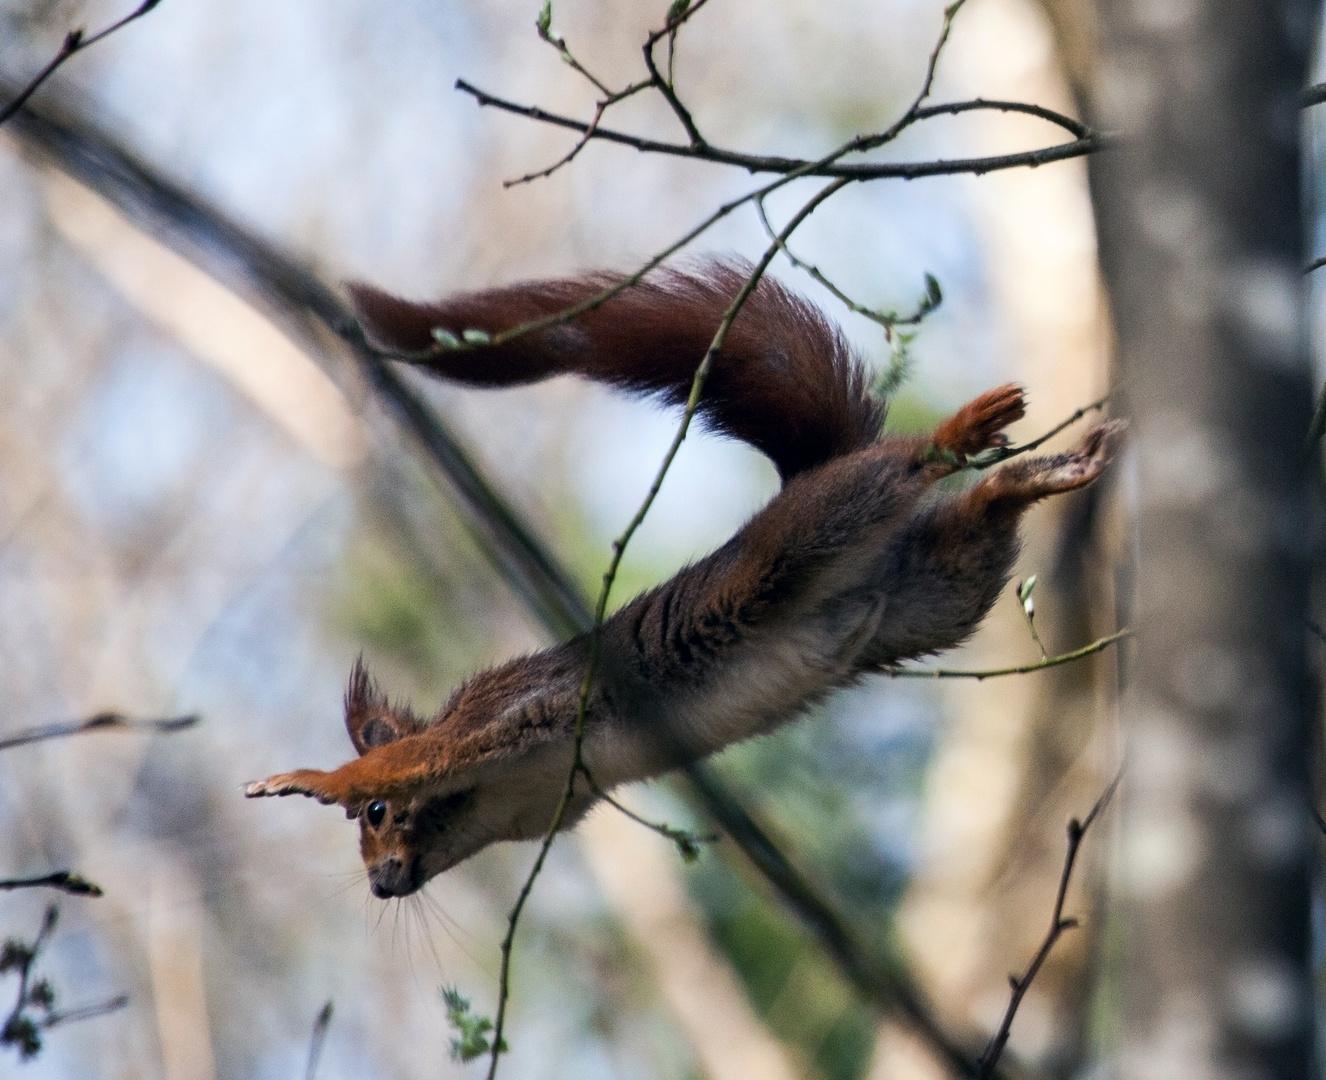 Flughörnchen